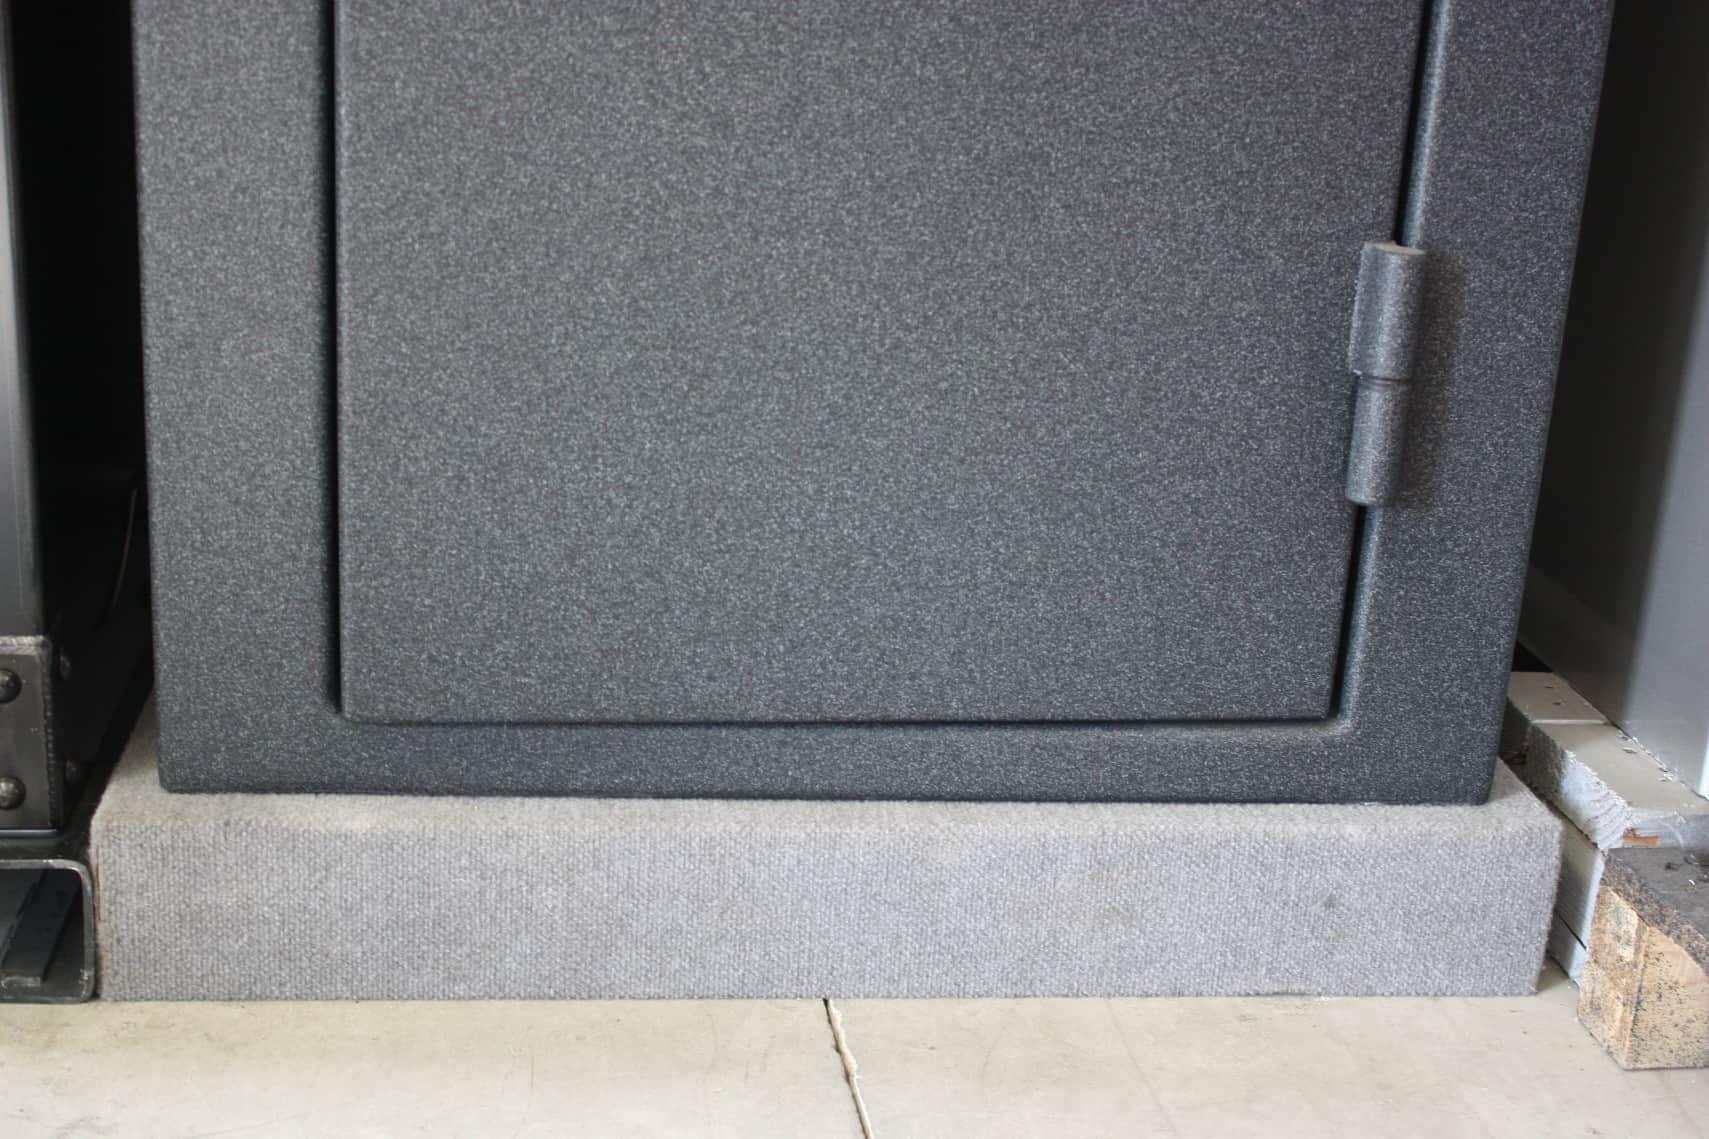 Best Floor Mats >> Best Way To Bolt Down A Safe (Gun Safe Tips!) | Gun Safe Guru